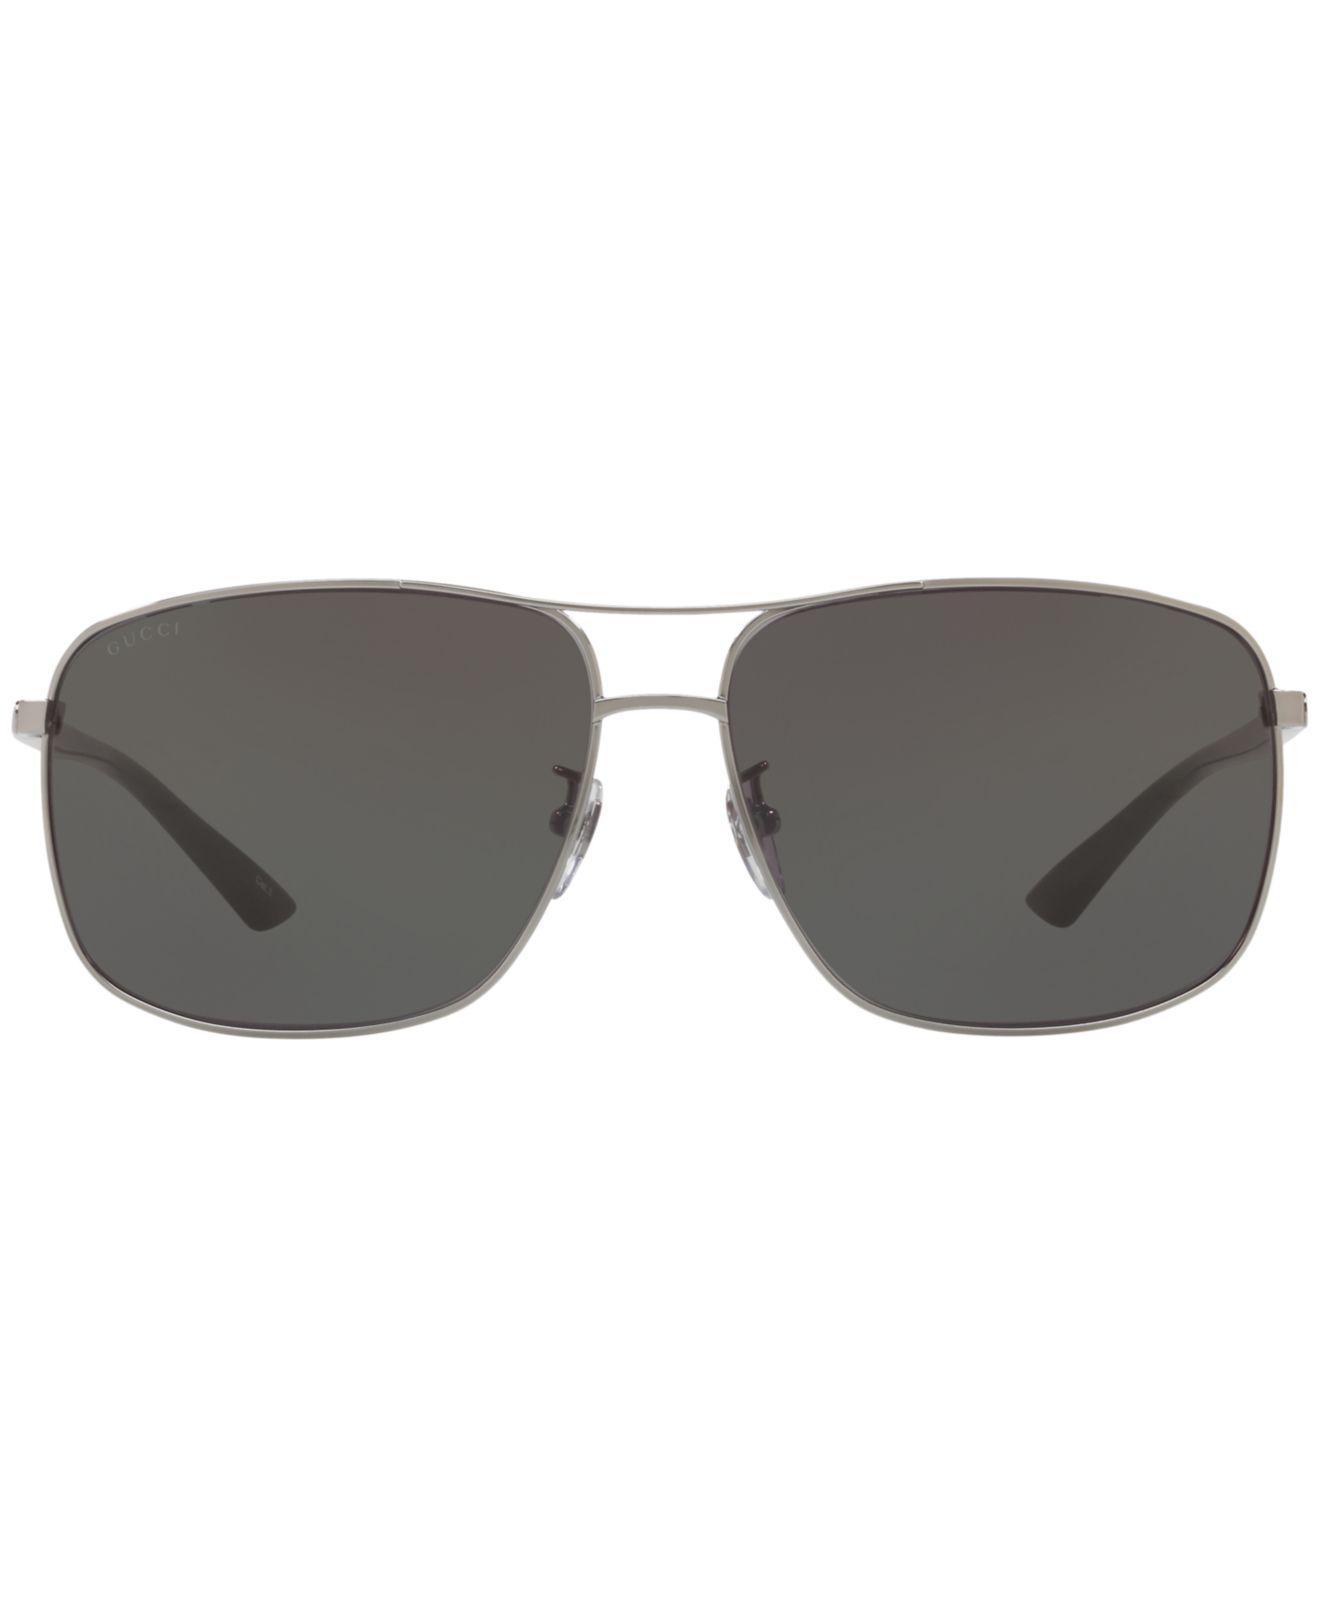 757ac19c5b Lyst - Gucci Sunglasses